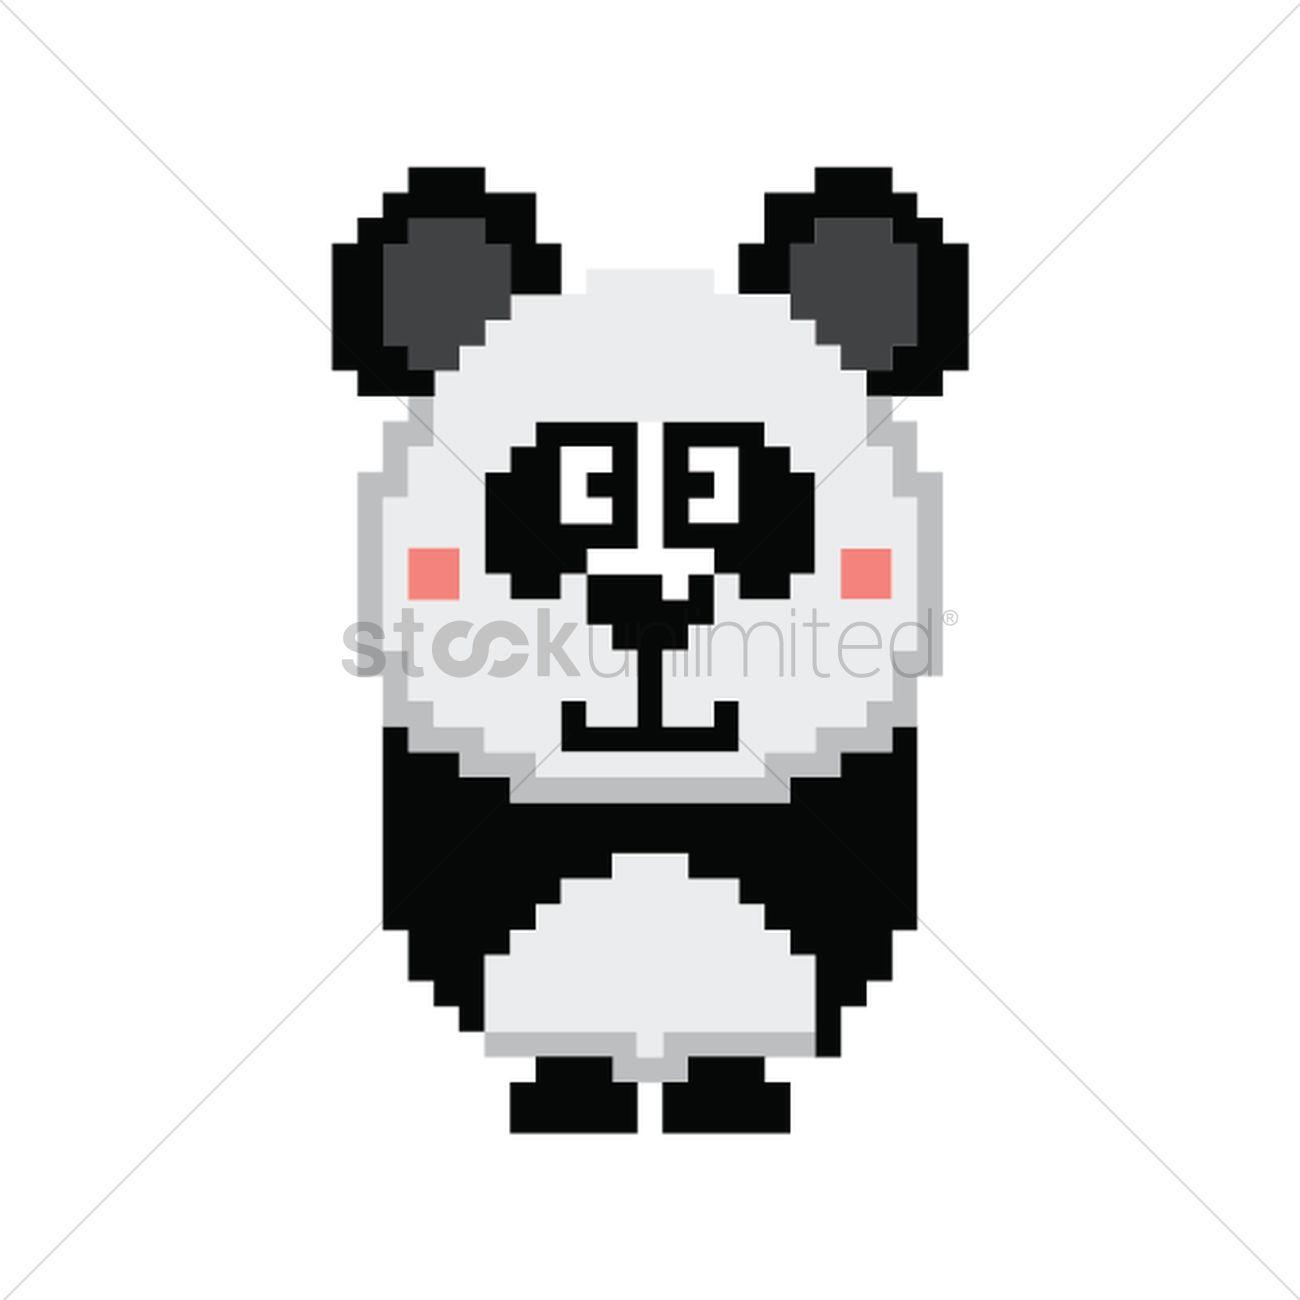 Pixel Art Panda Vector Image 1959697 Stockunlimited